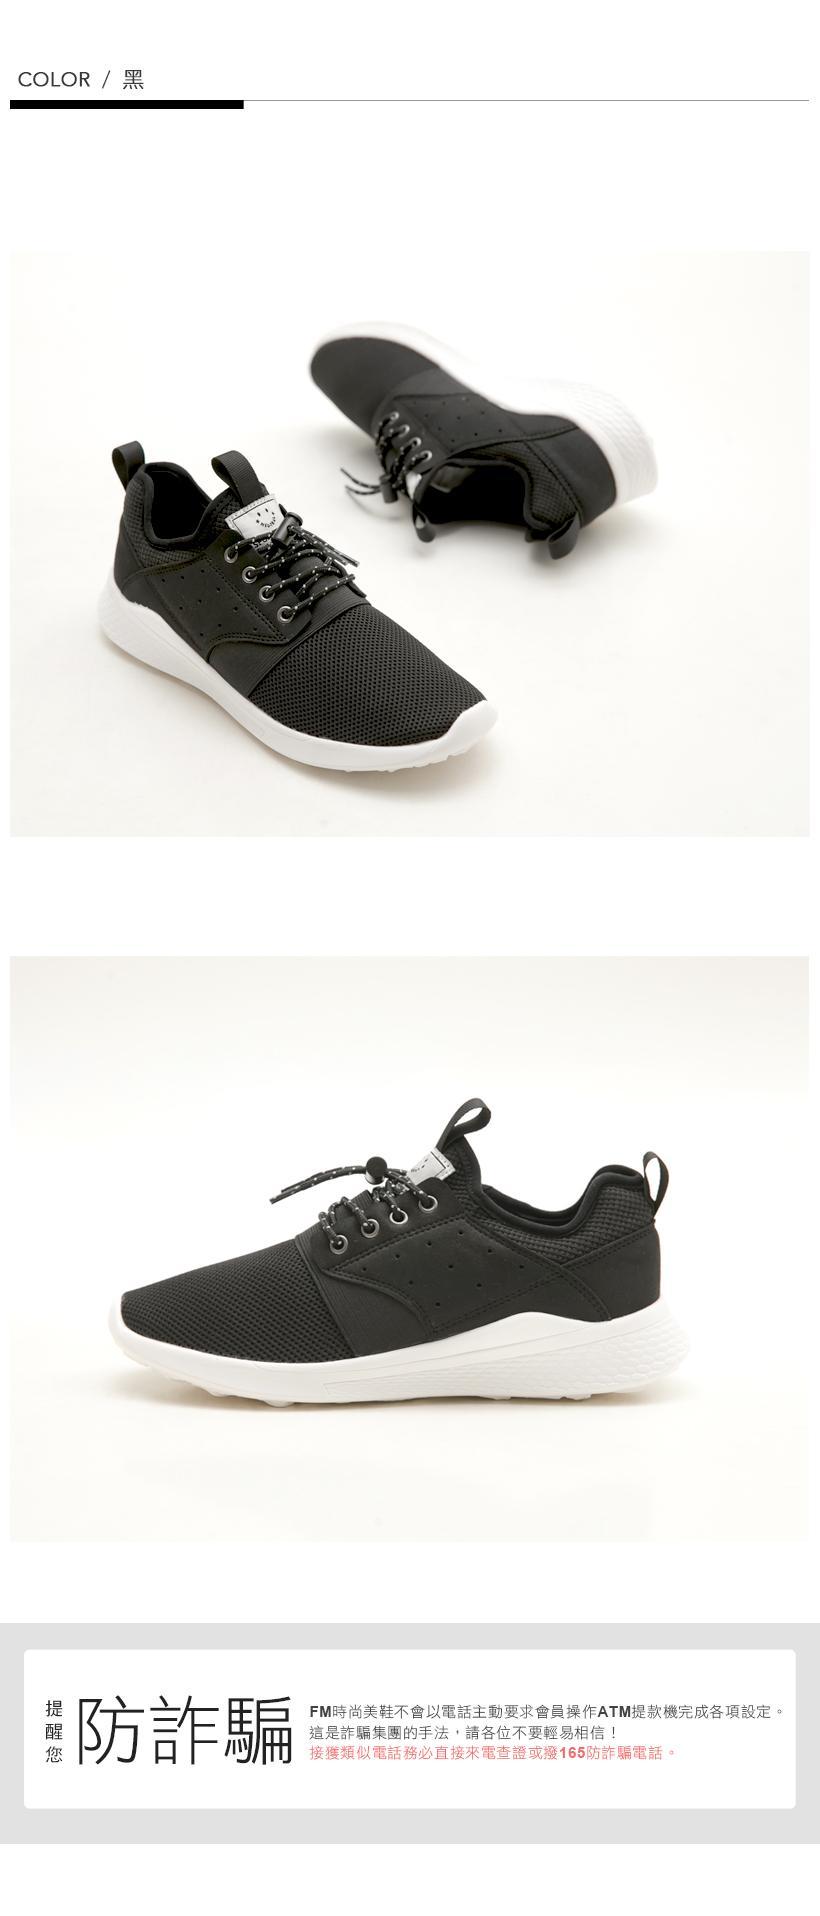 NeuTral-輕量免綁帶涼感彈簧鞋(黑)-男女款